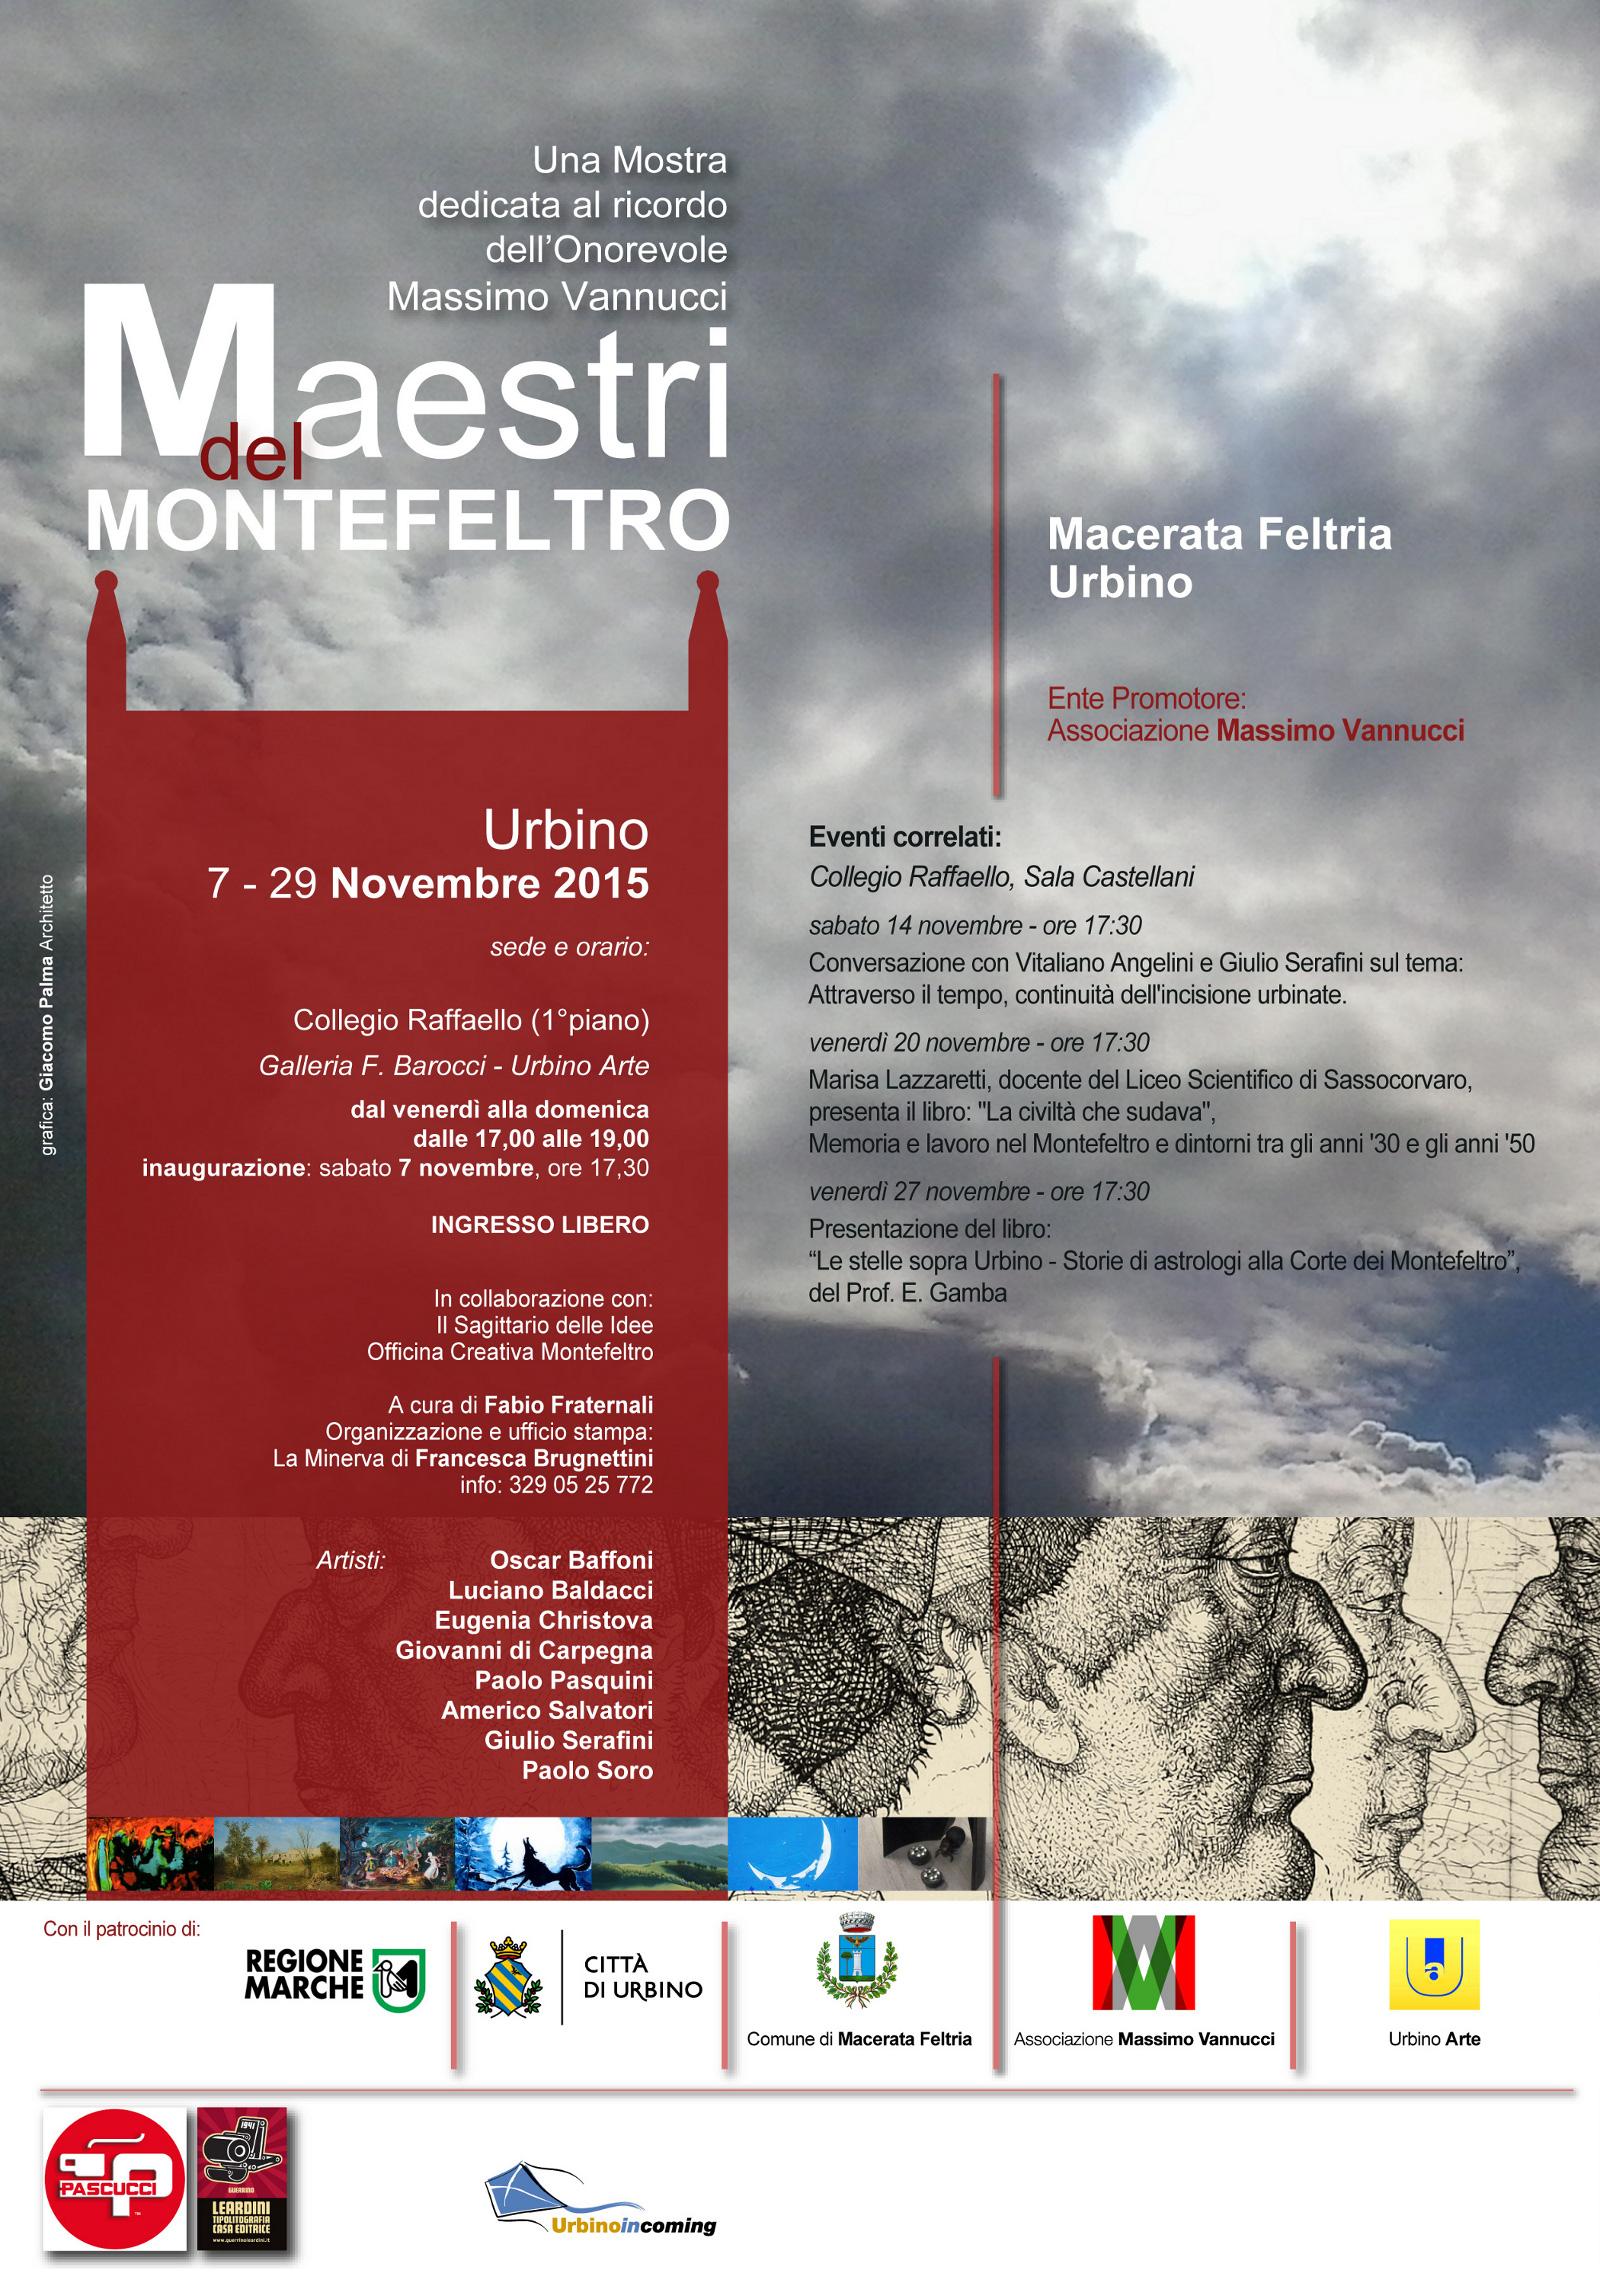 Maestri del Montefeltro_Locandina-dépliant A4 - Urbino